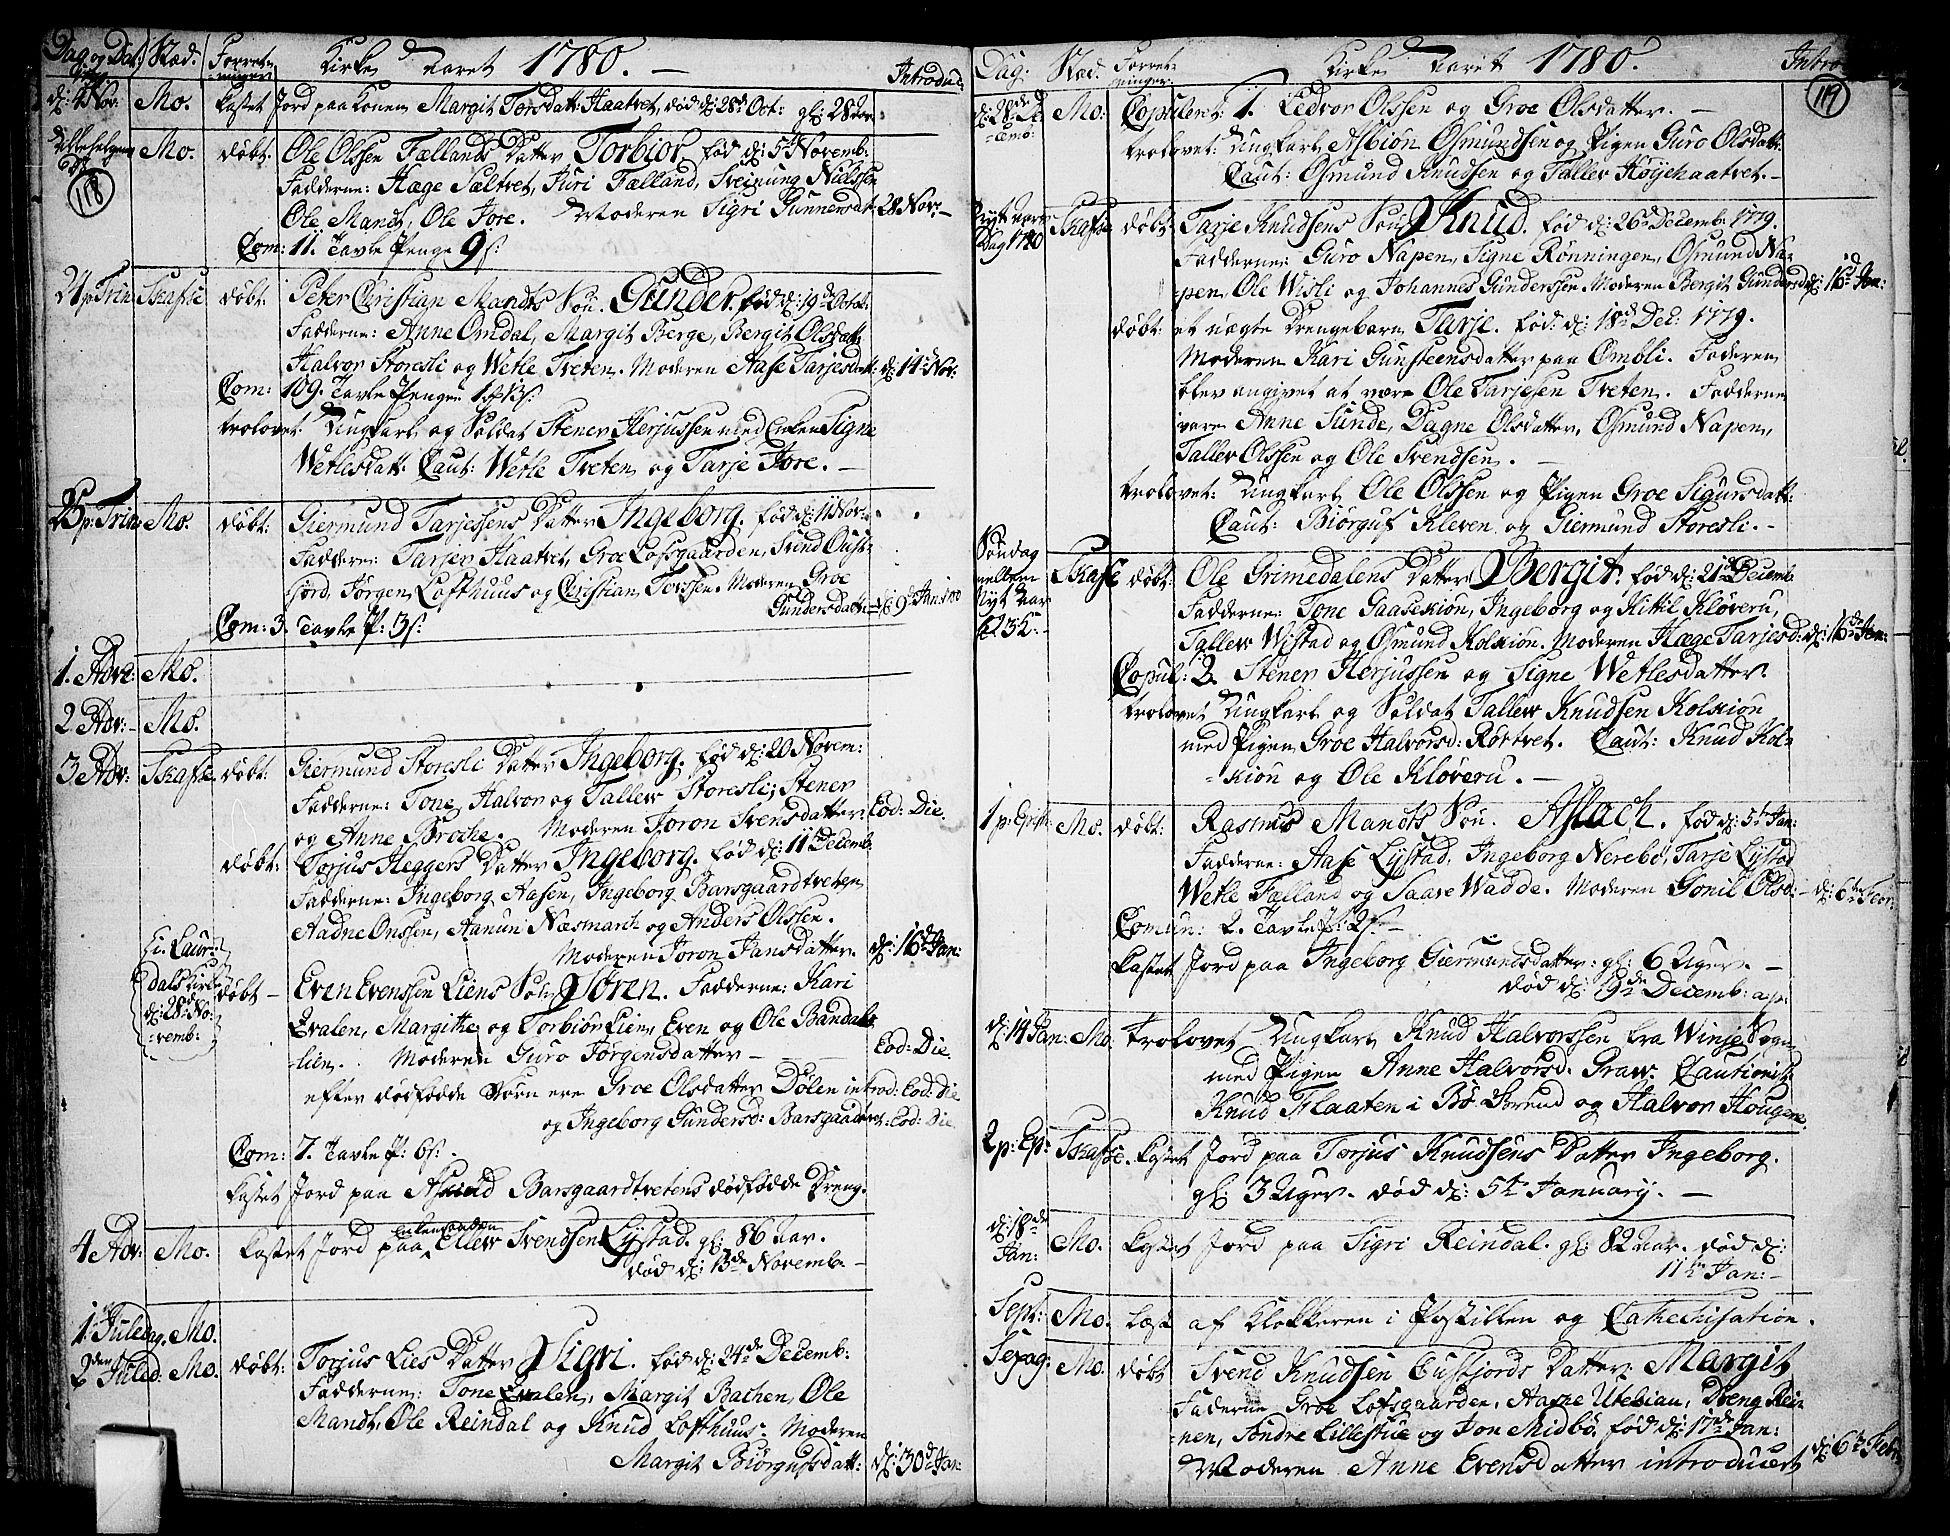 SAKO, Mo kirkebøker, F/Fa/L0002: Ministerialbok nr. I 2, 1766-1799, s. 118-119